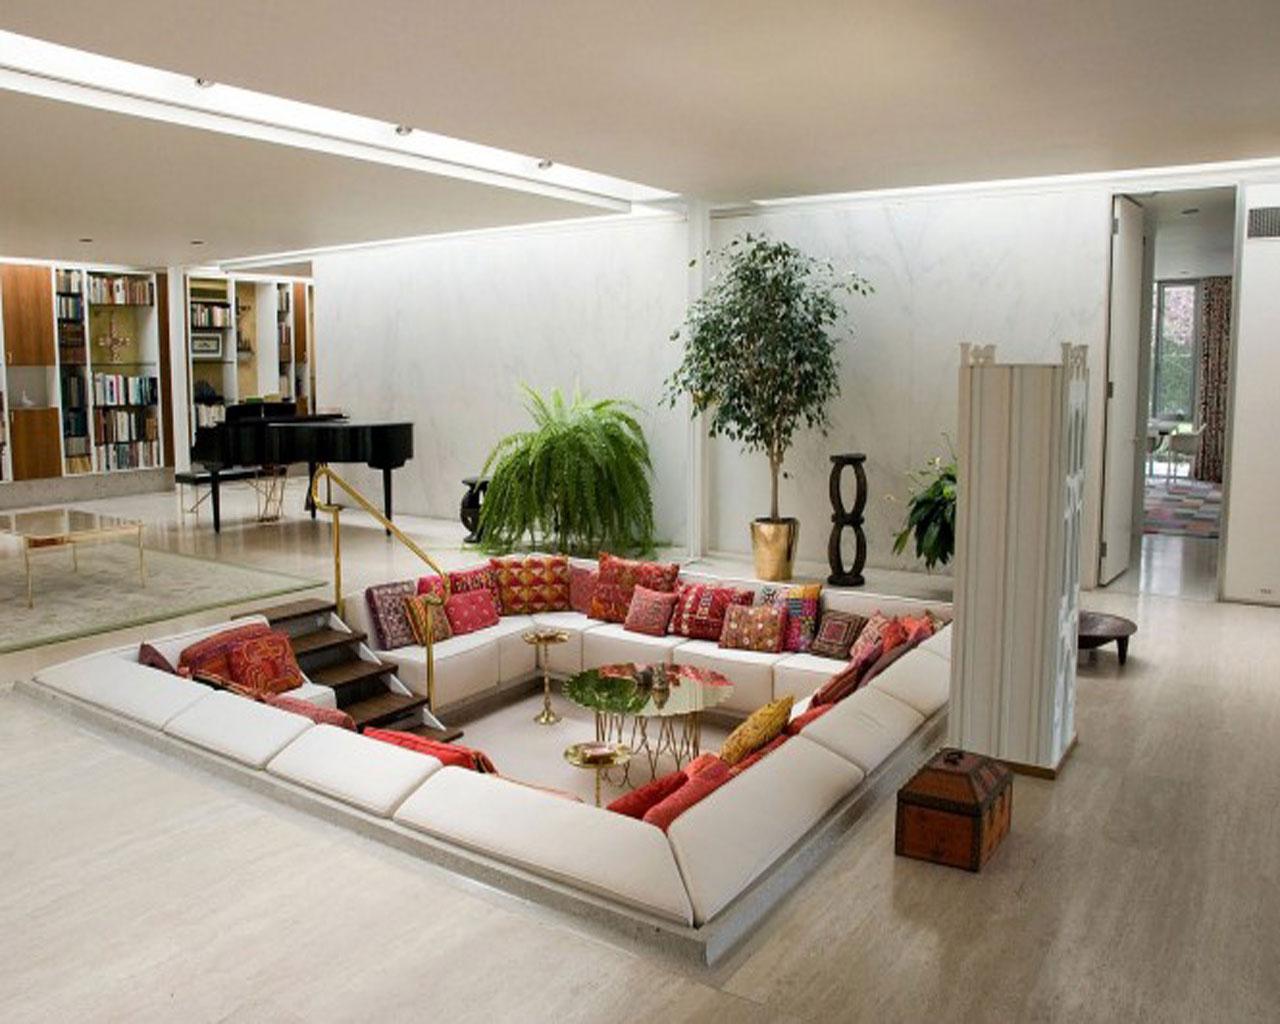 بالصور تصميم غرف , افضل تصميمات للغرف 5730 9